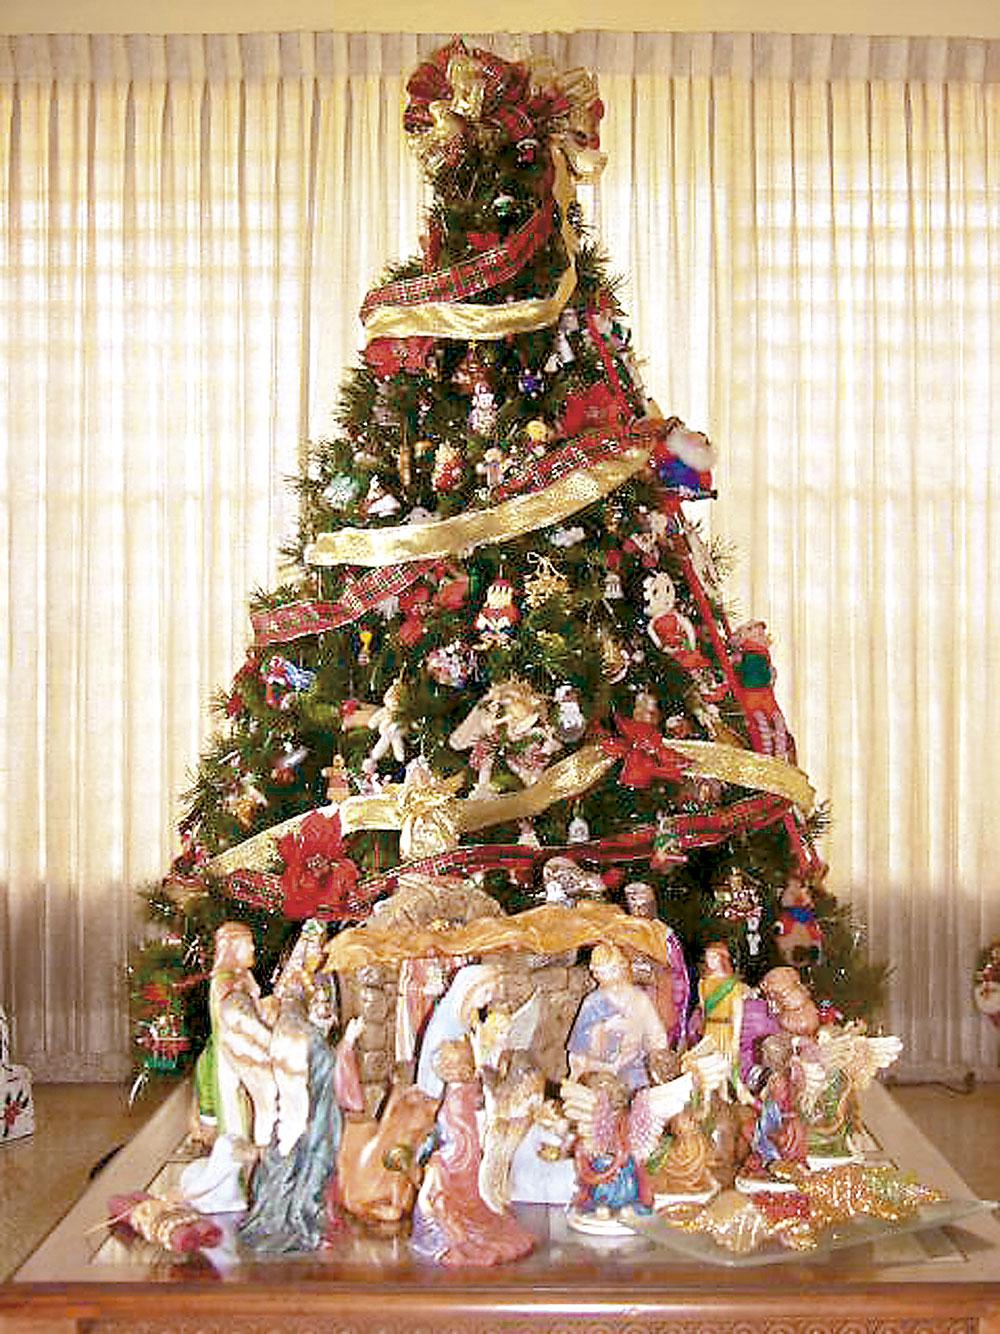 Cmo hacer un nacimiento navideo navidad t - Nacimiento para navidad ...